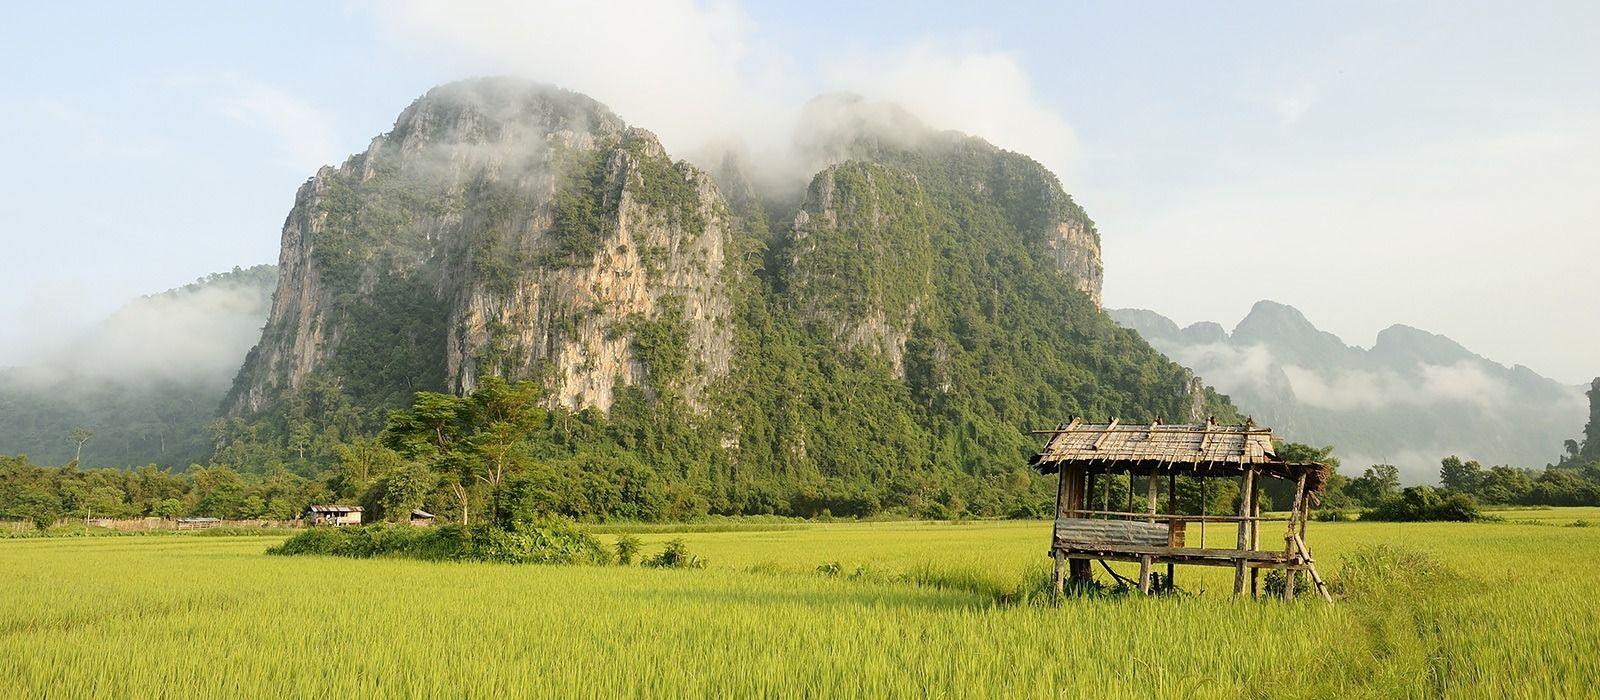 Laos Reise zu Lande und zu Wasser Urlaub 6